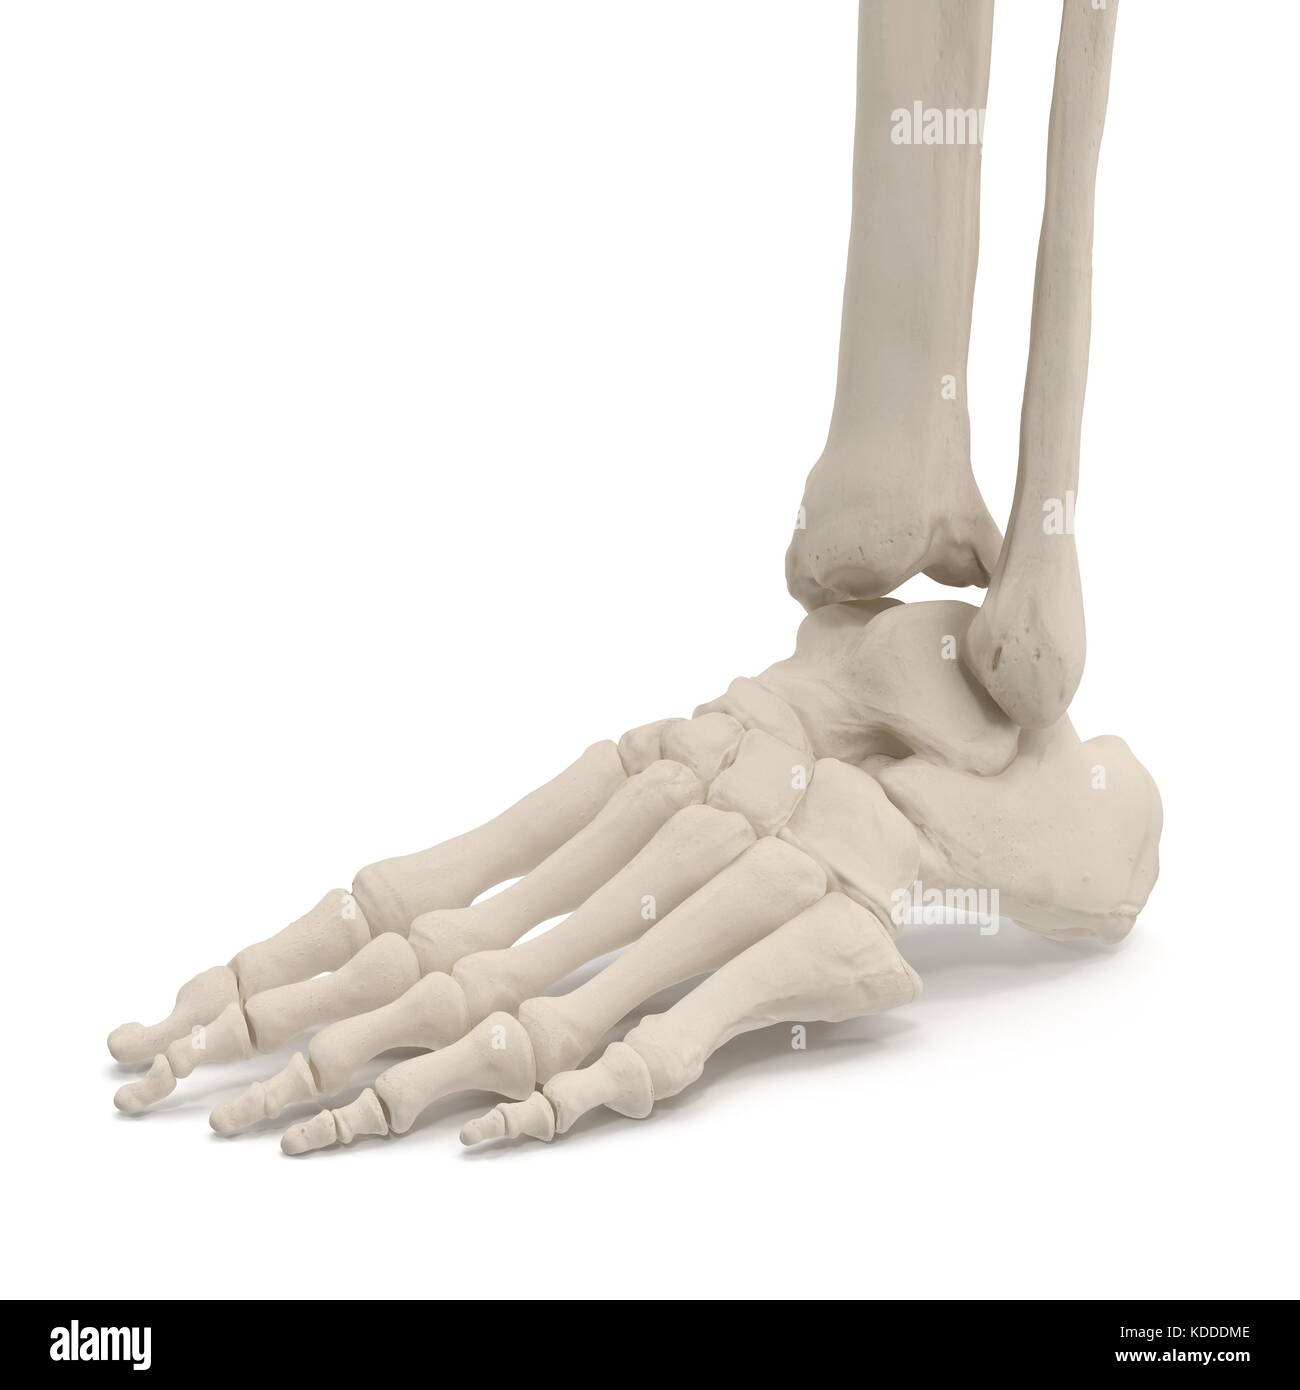 Lujo Huesos De Las Piernas En Los Seres Humanos Fotos - Imágenes de ...